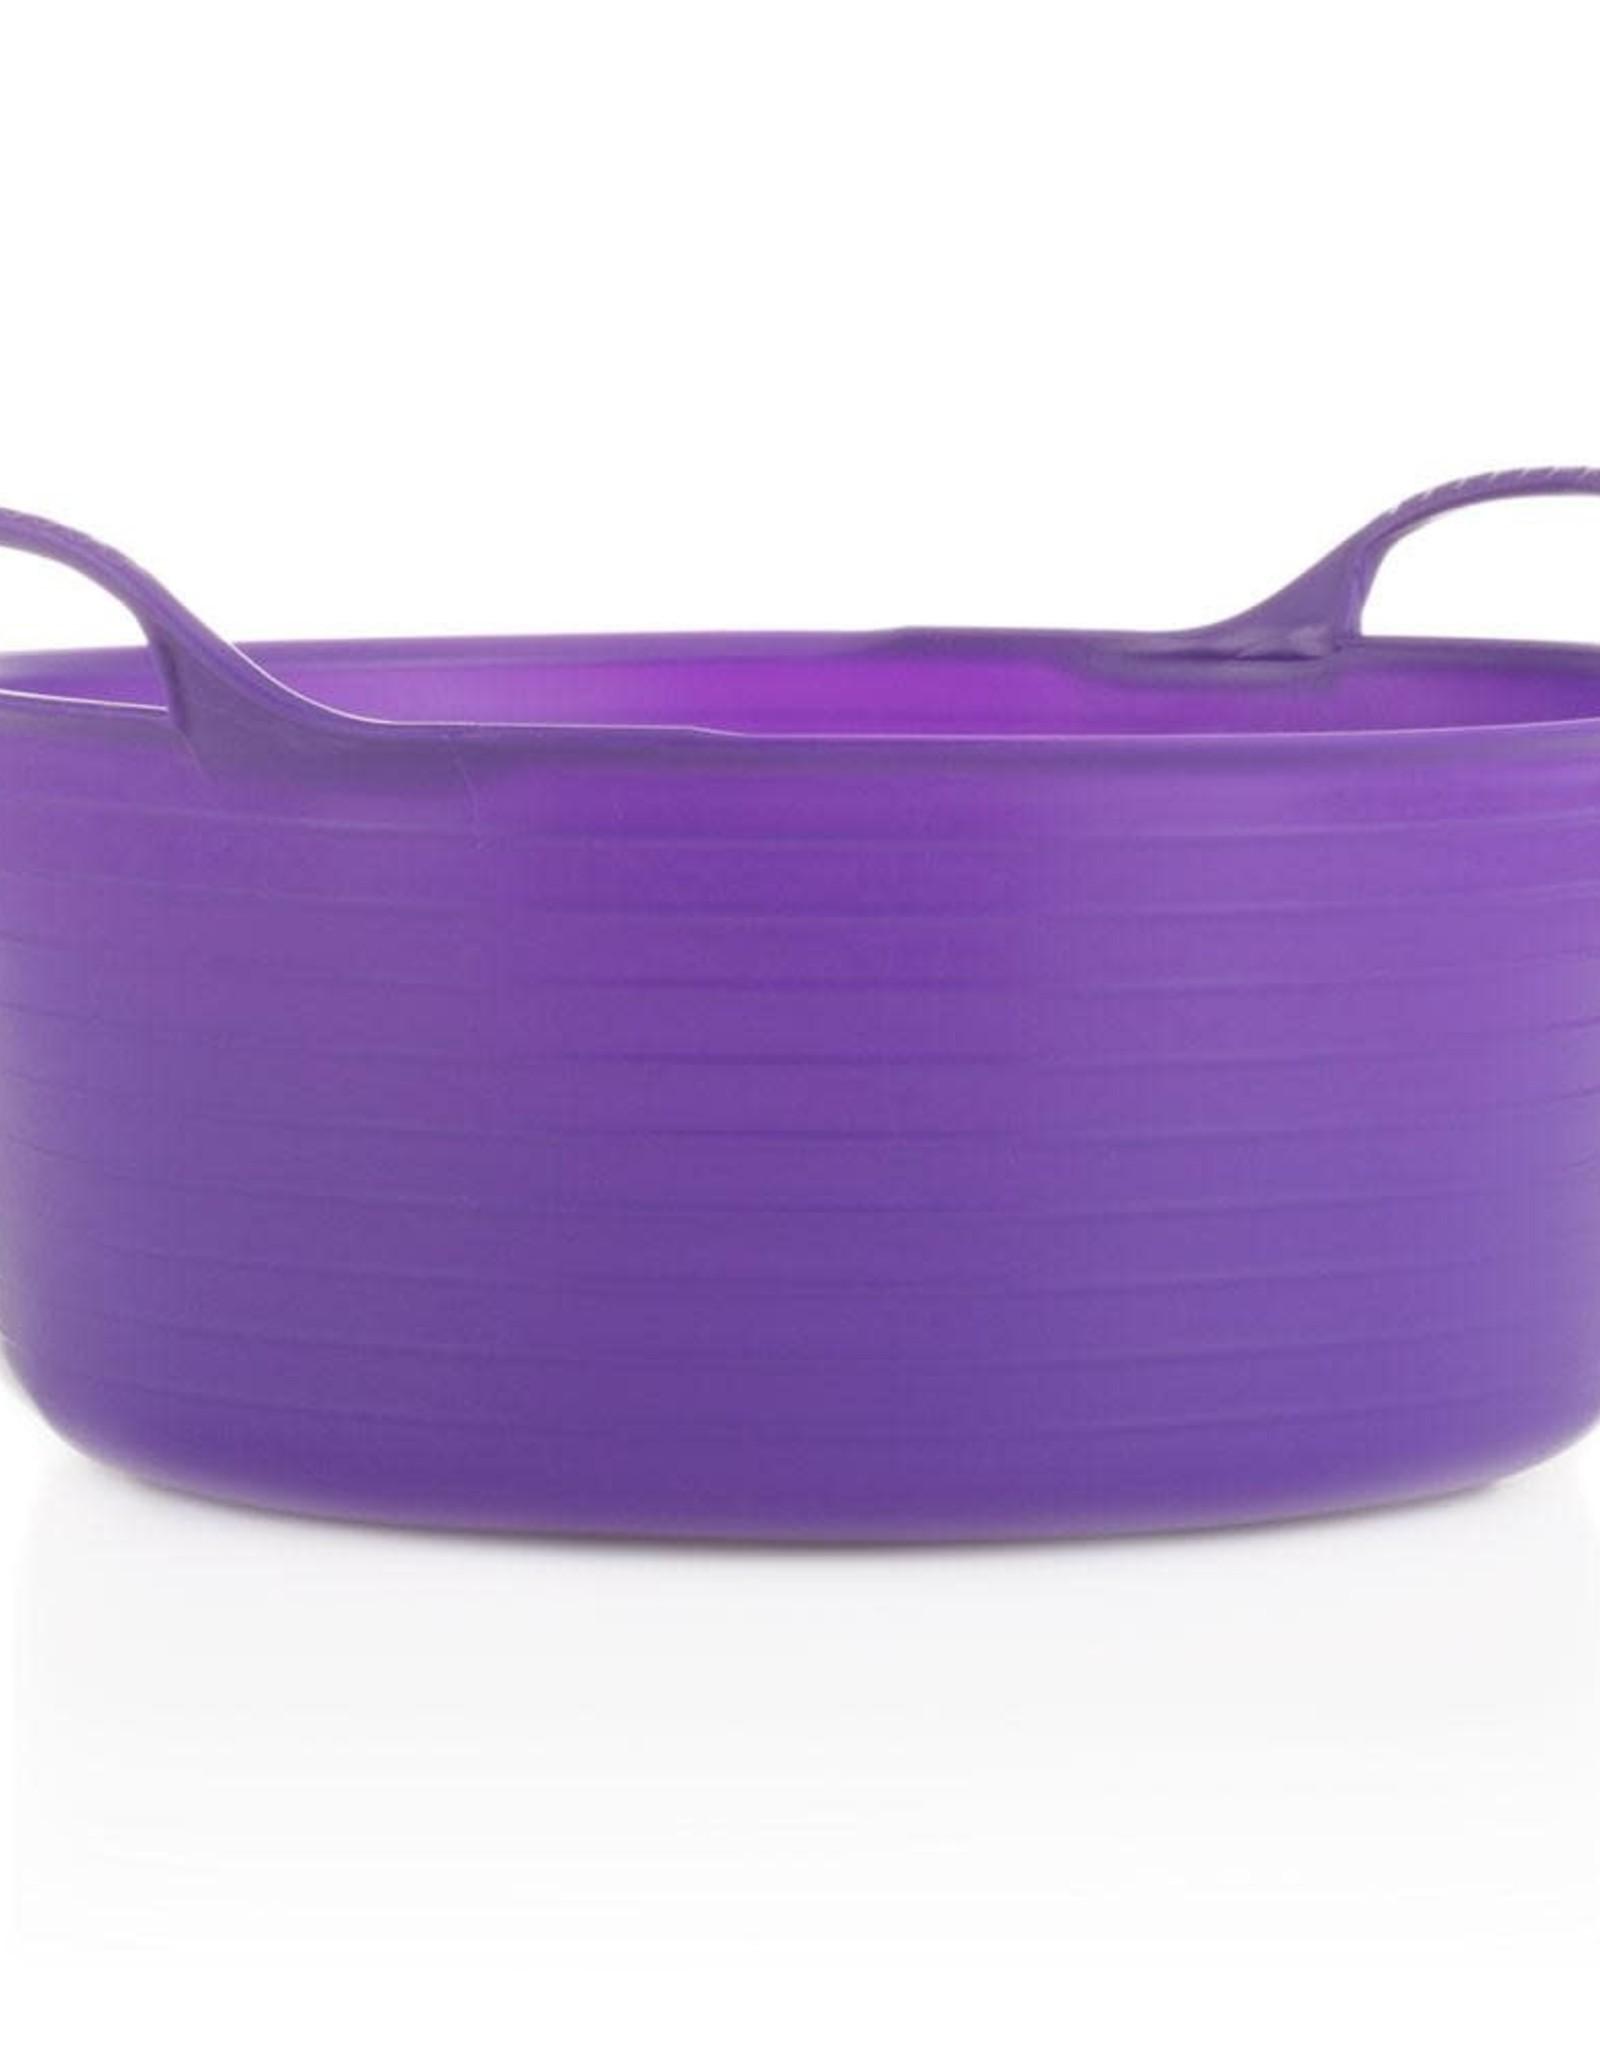 Soak Wash Phil Basin Purple